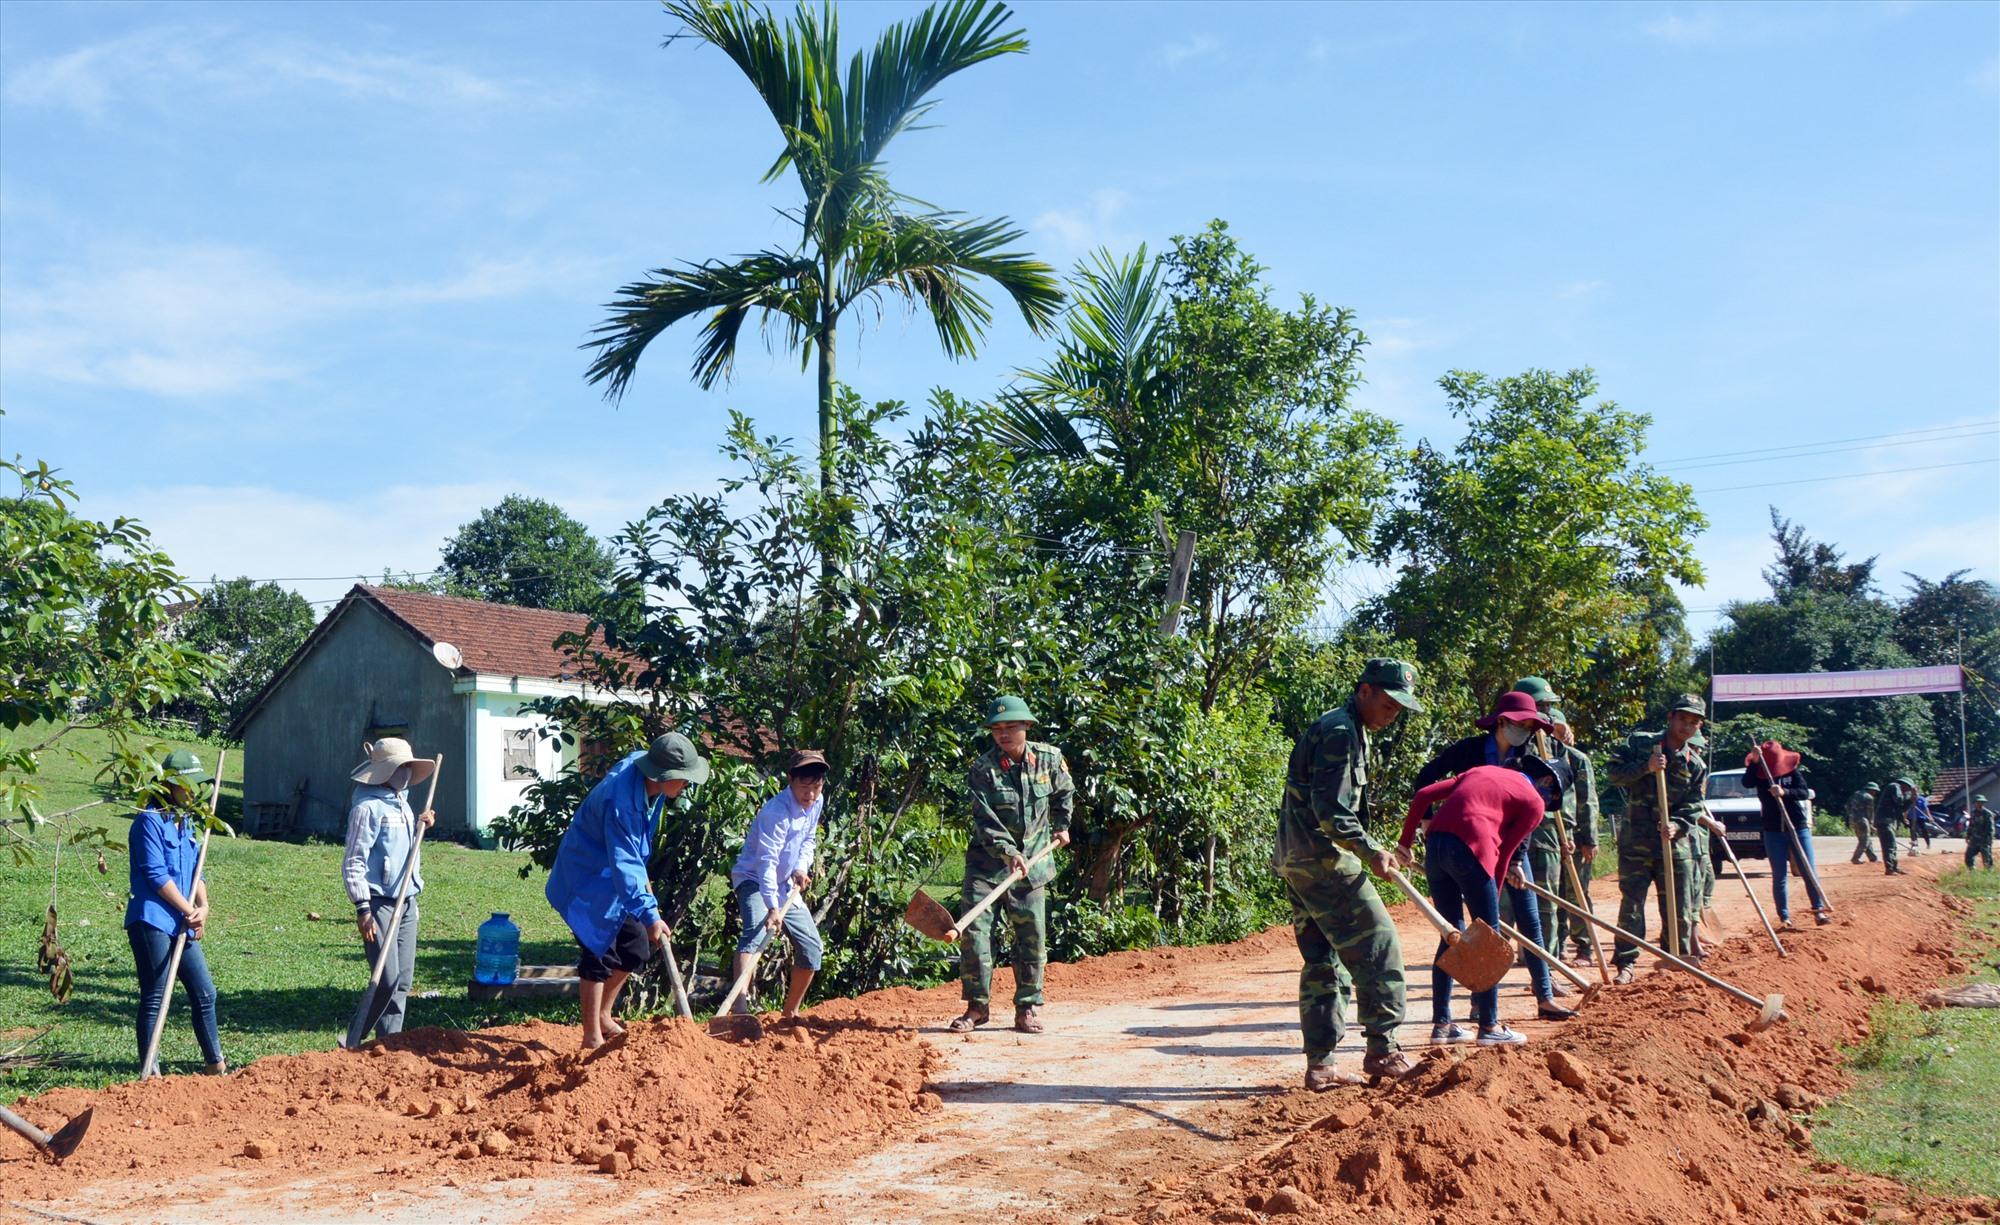 Trung đoàn 885 giúp xã Trà Tân làm đường giao thông nông thôn. Ảnh: D.L